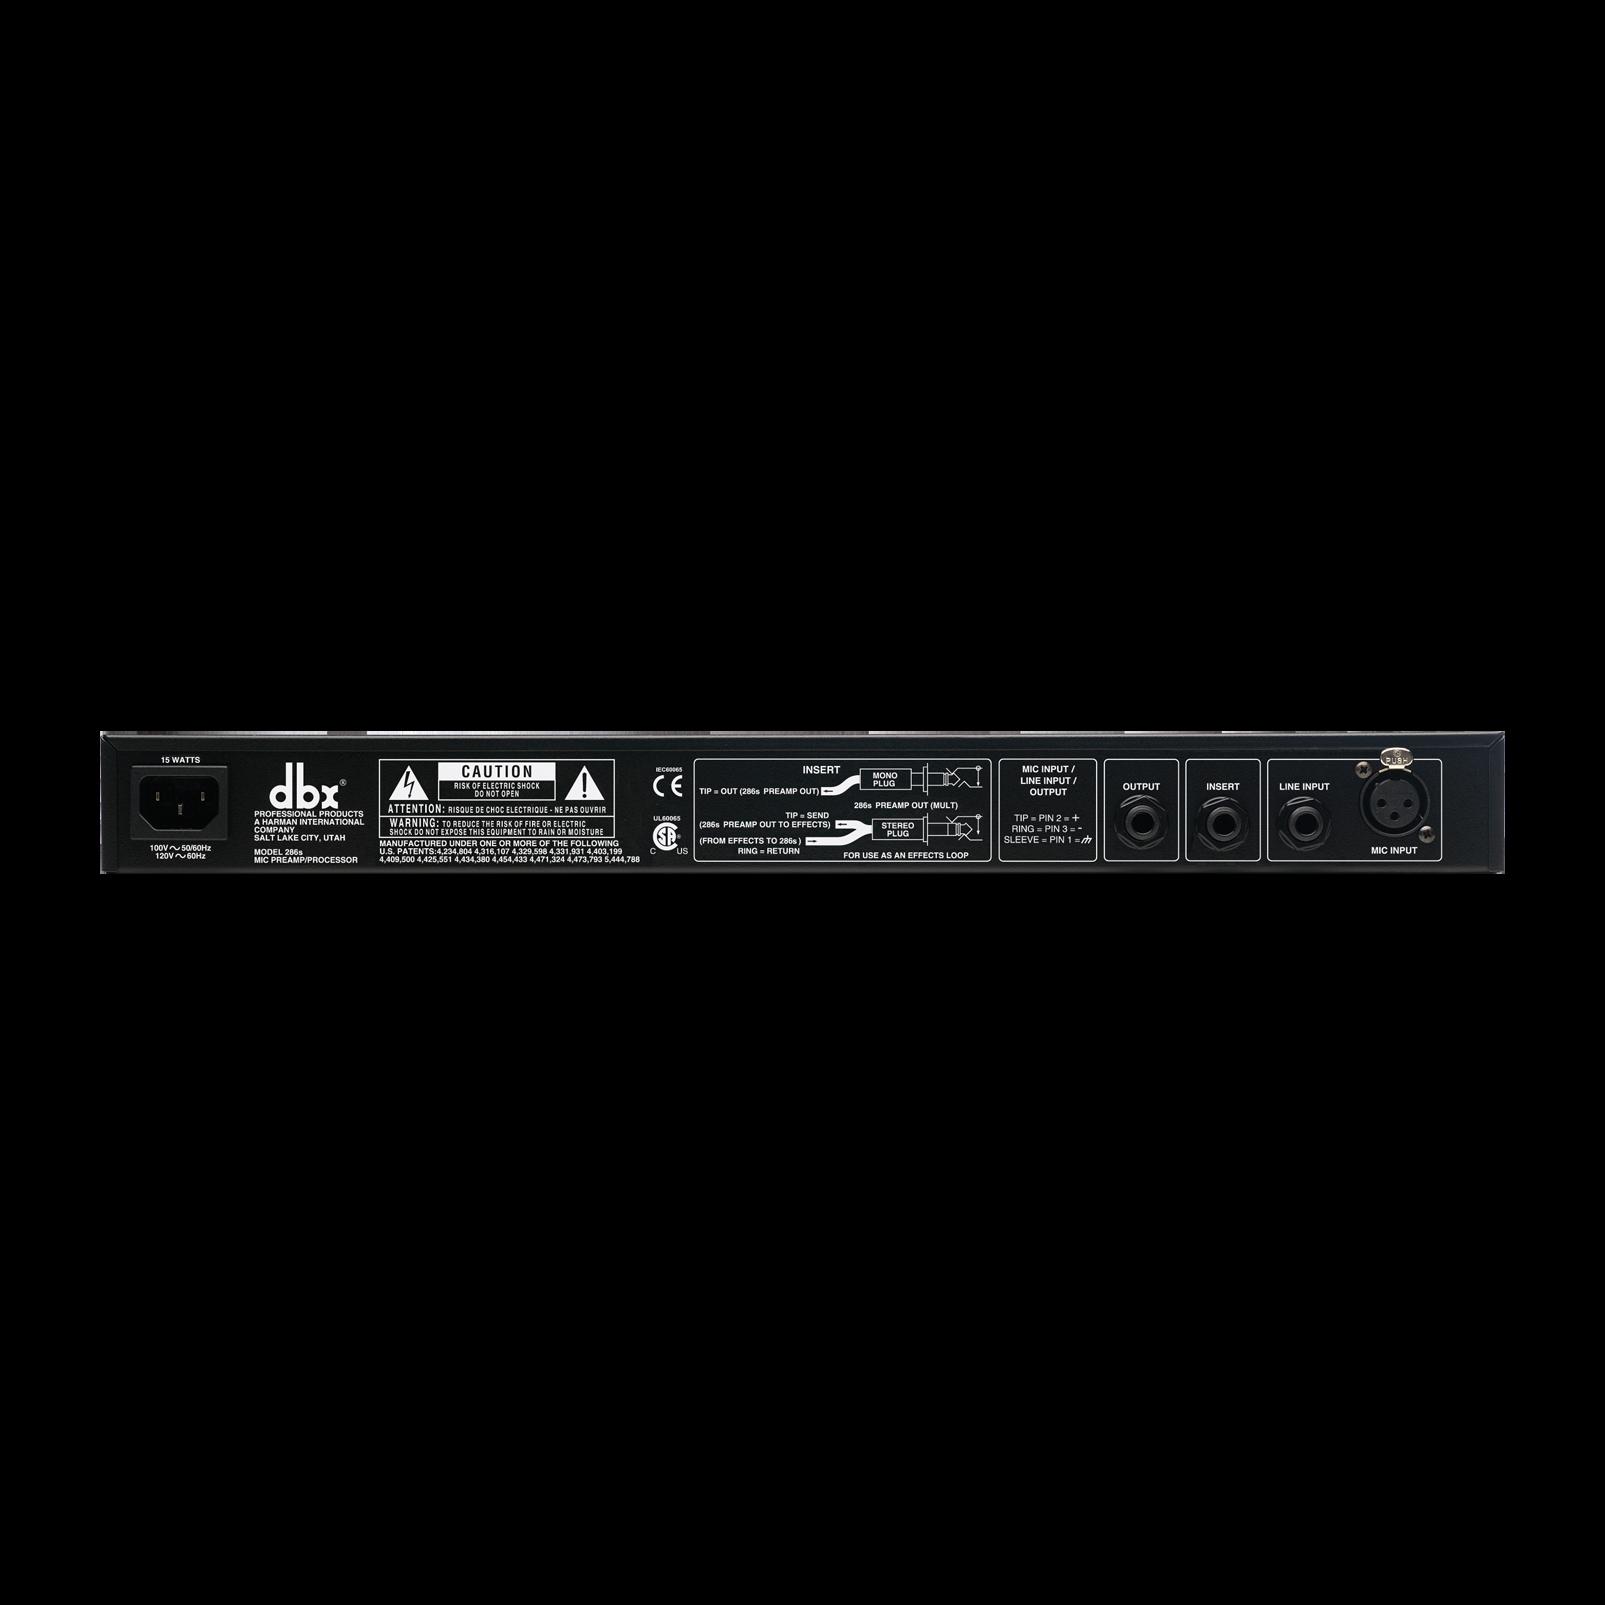 286s - White - Microphone Pre-amp Processor - Back